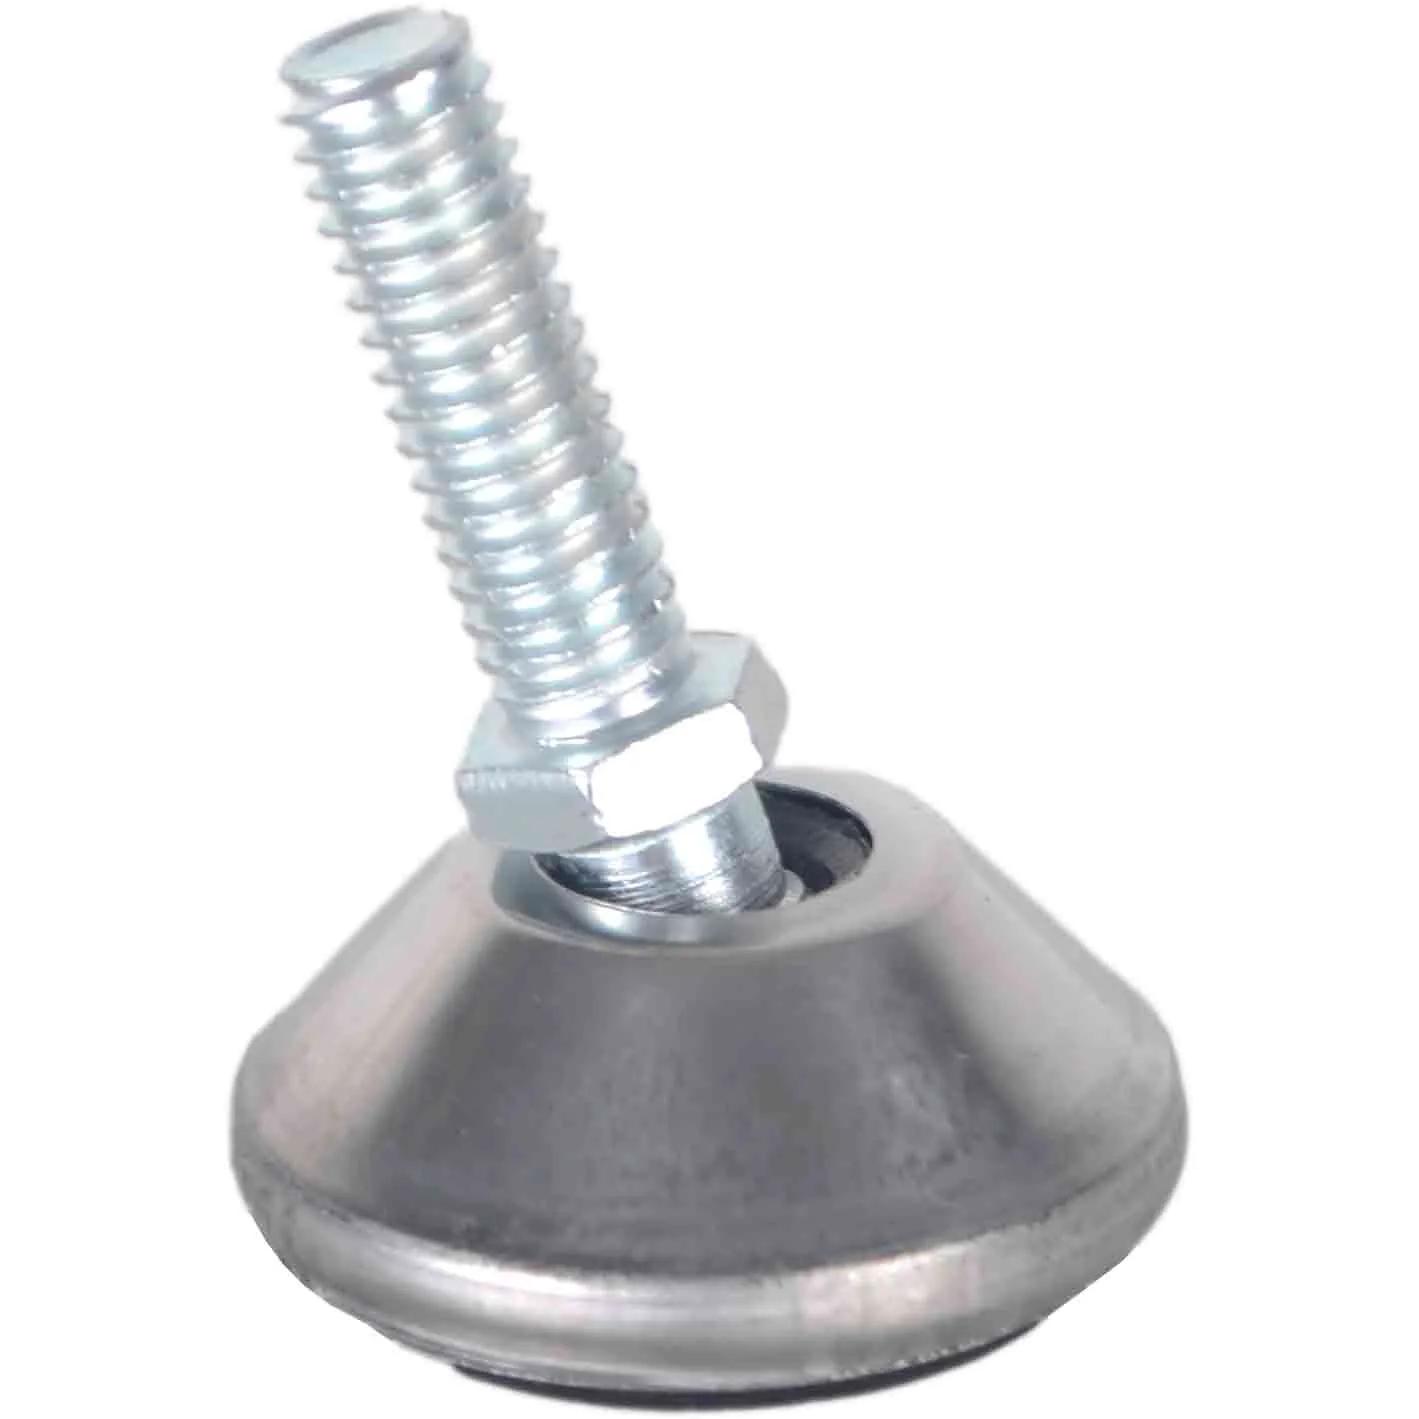 Sapata 34mm Articulada Aço Inox - Rosca 5/16